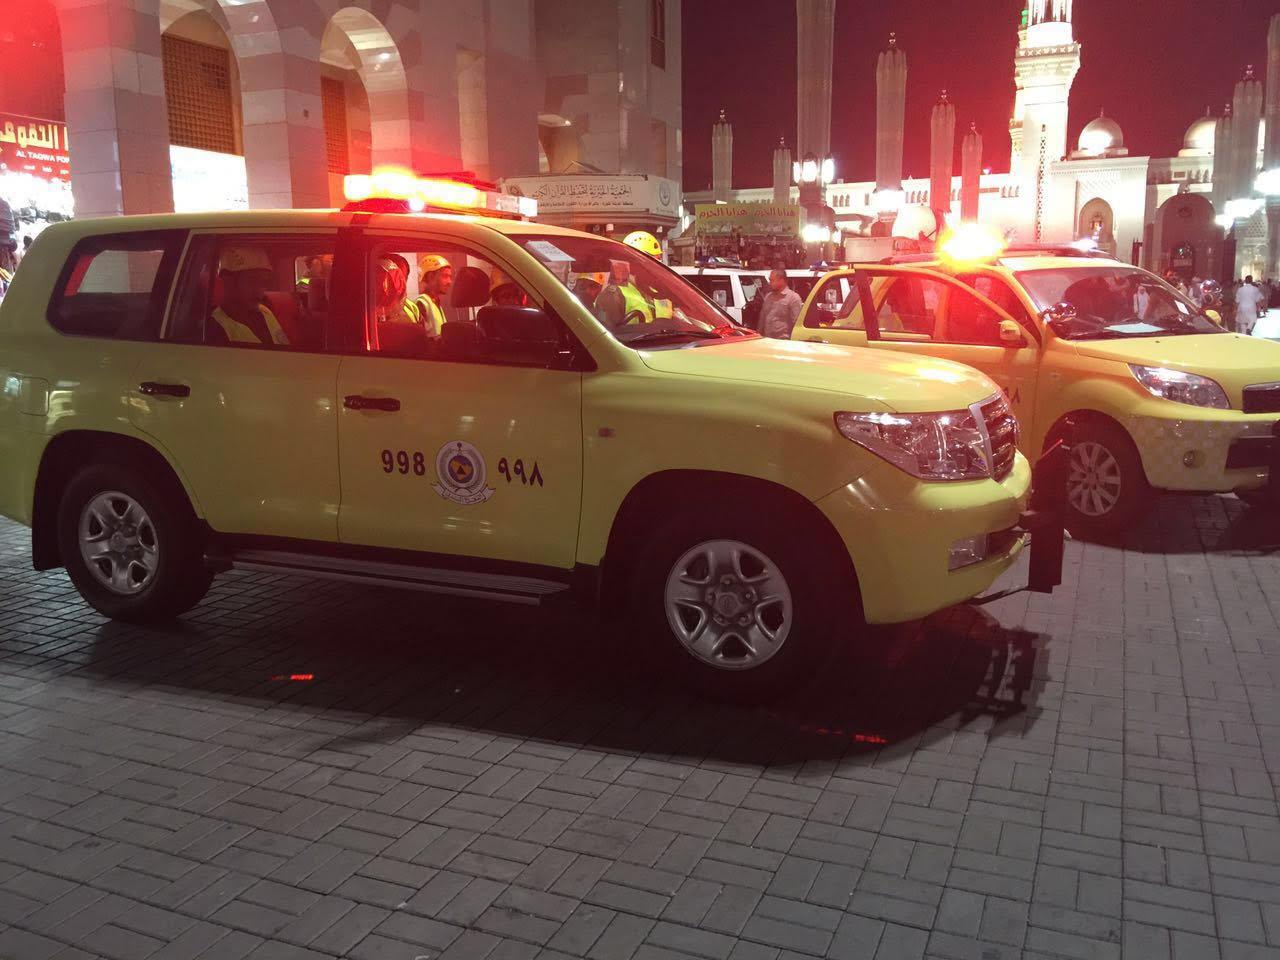 خطة المدني لمواجهة الطوارئ في المدينة المنورة (2)